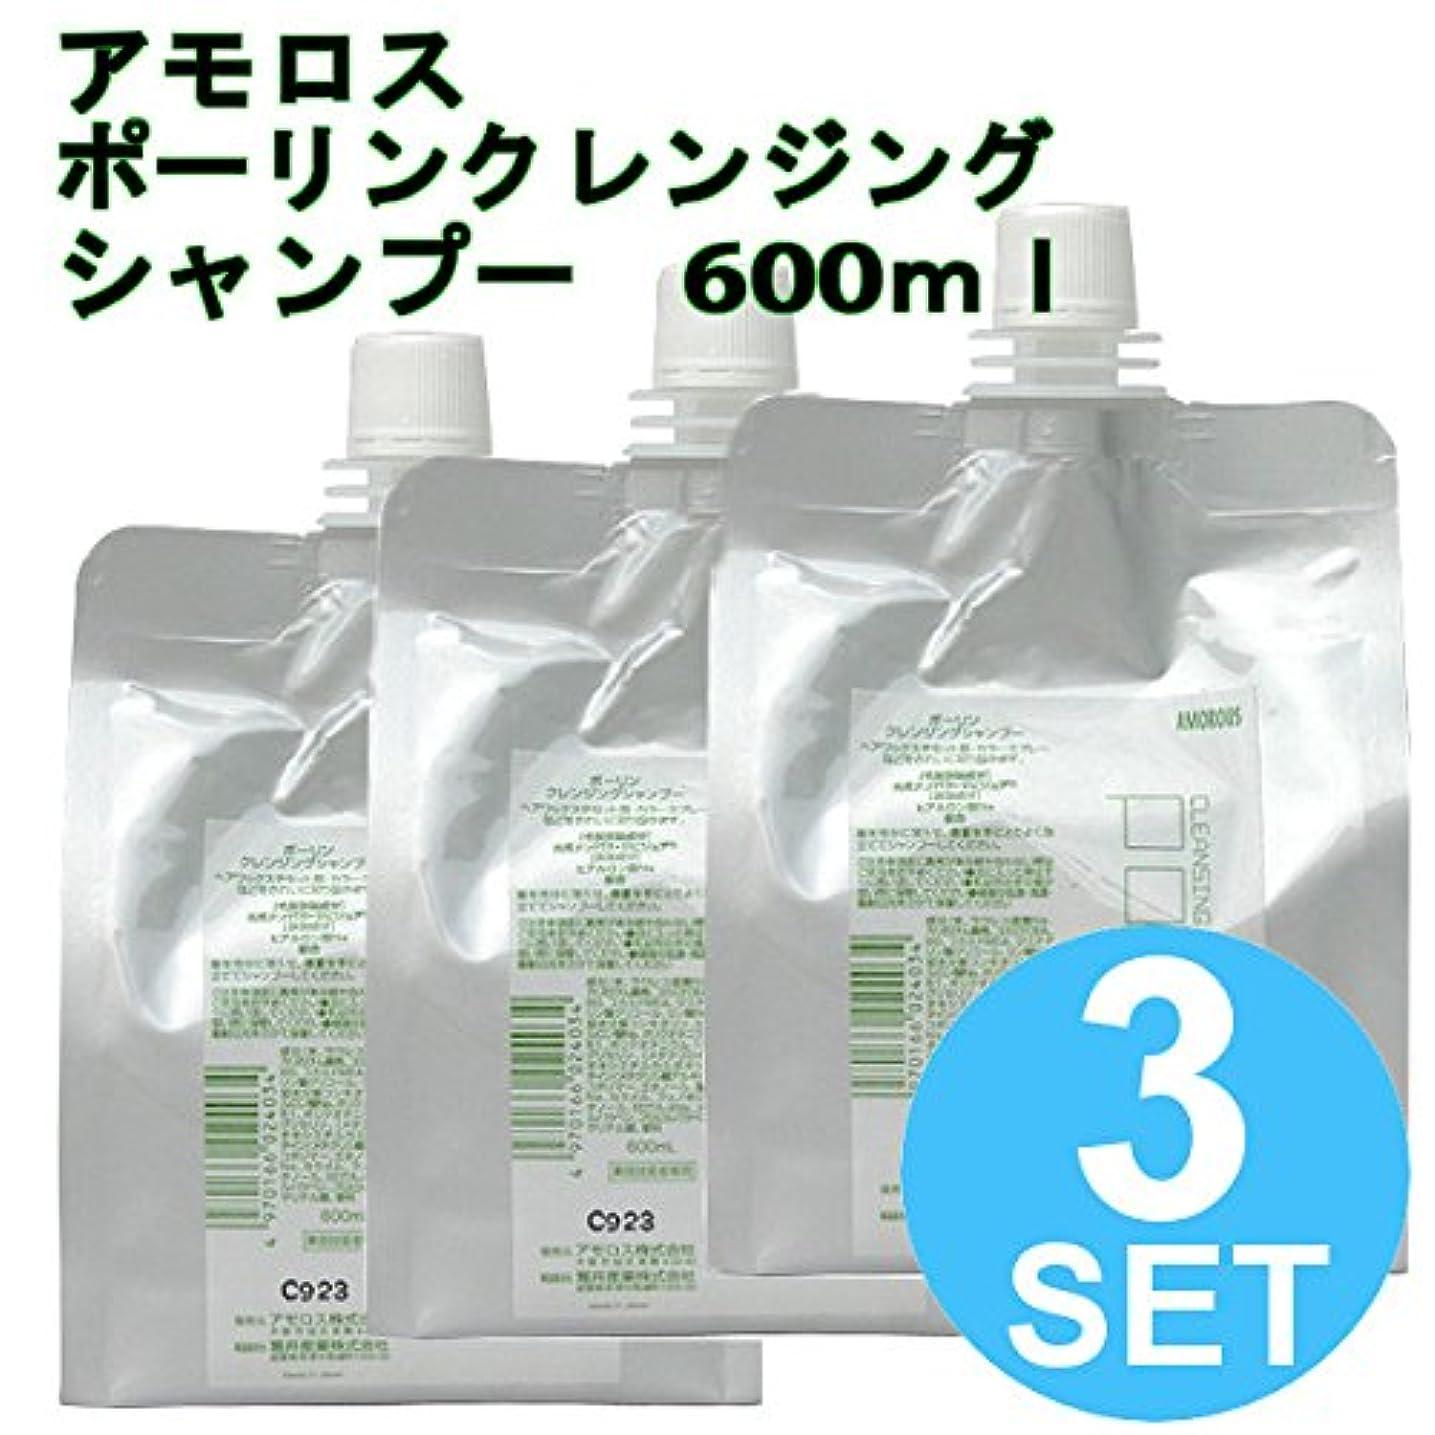 満たす薬剤師制限【X3個セット】 アモロス ポーリン クレンジングシャンプー 600ml 詰替え用